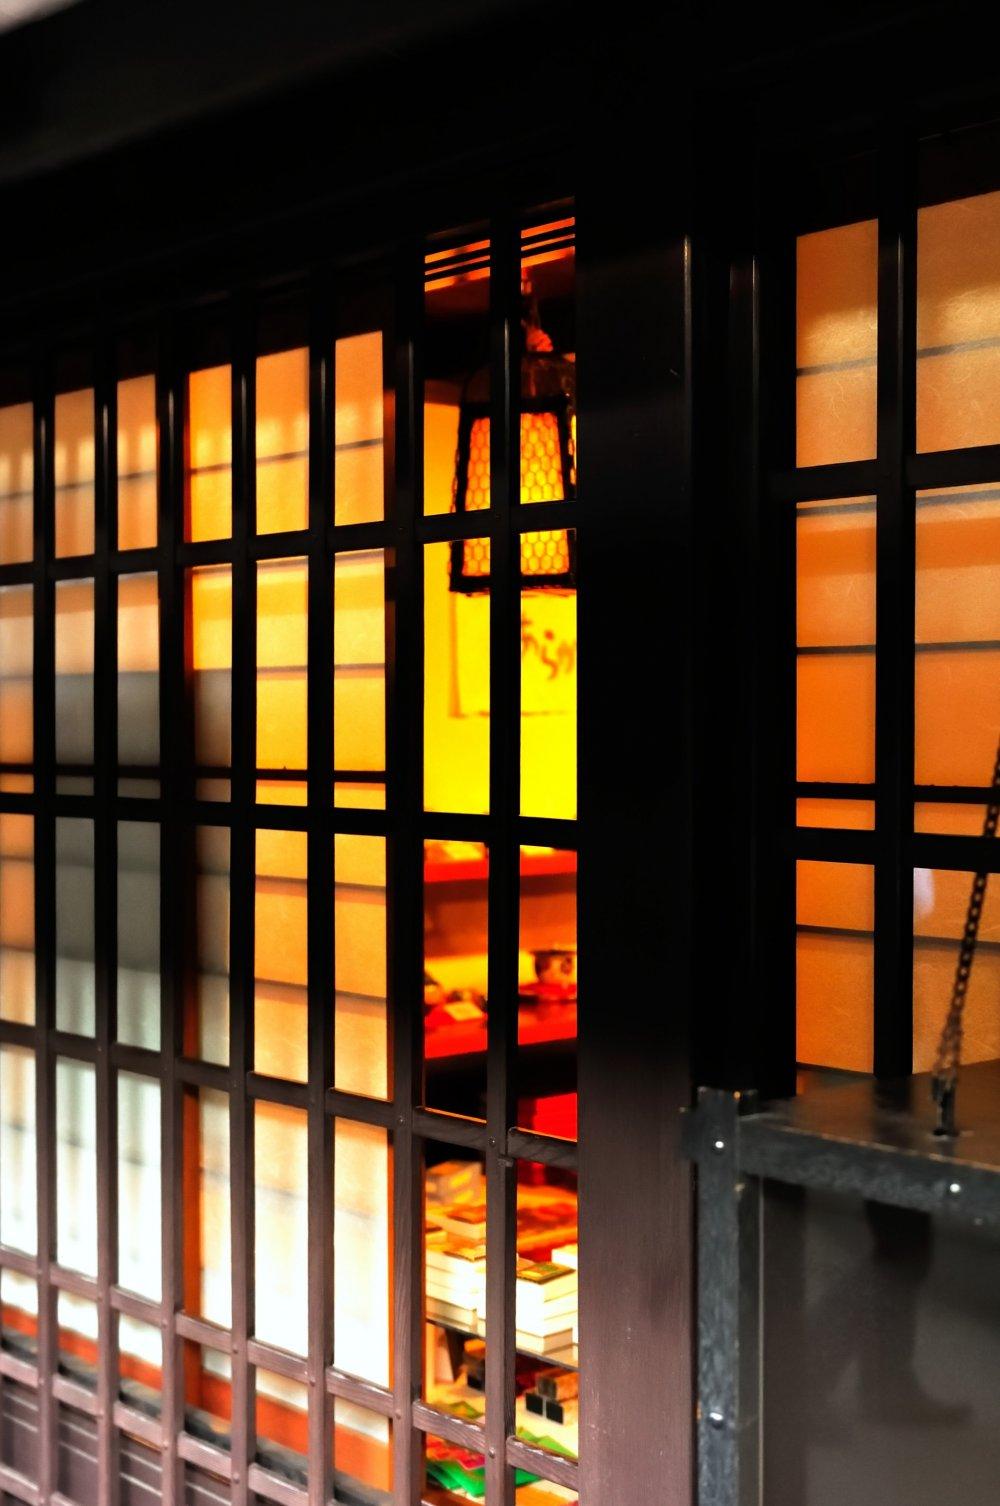 古い街並み、三之町を歩く。土産物屋の格子窓から温かな灯りが漏れている